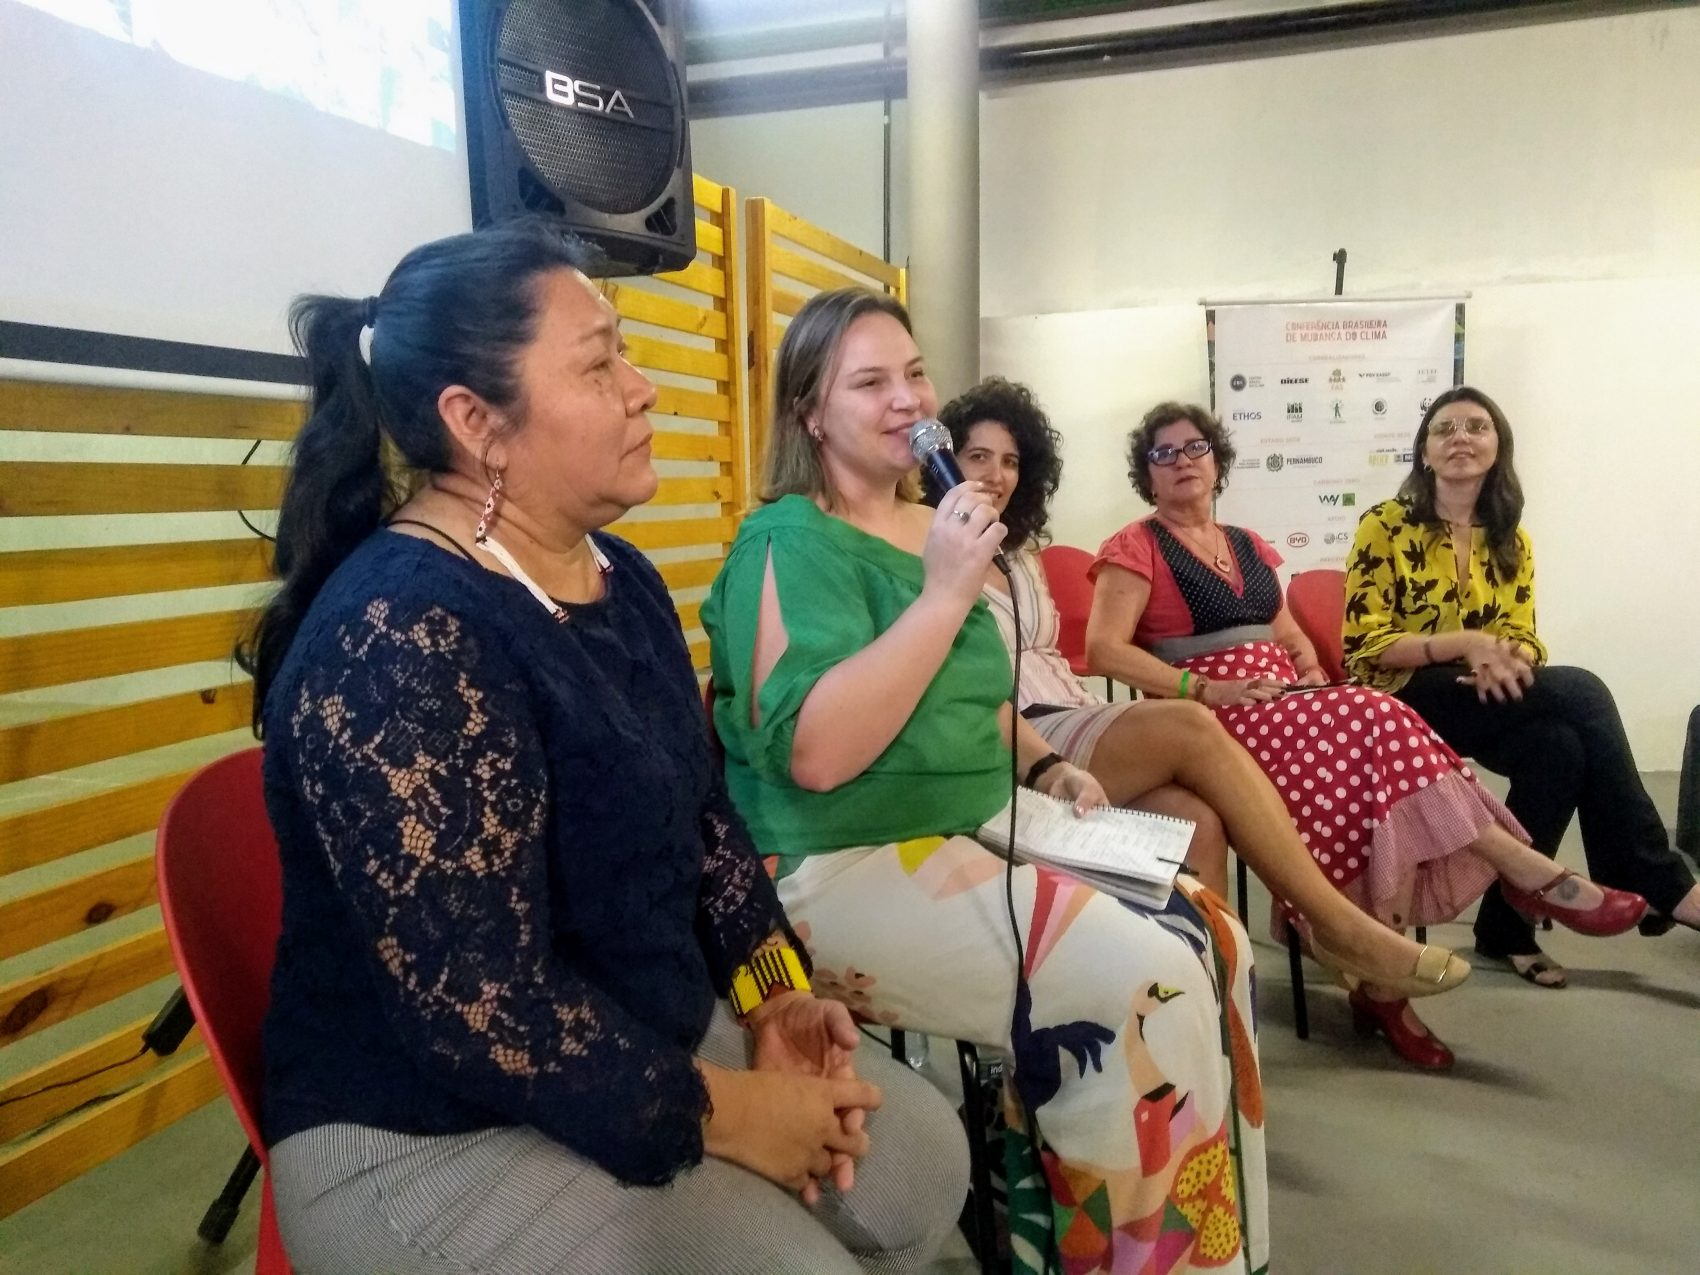 Joênia Wapichana, Natalie Unterstell, Marina Barros, Jô Pereira e Márcia Lucena: mulheres são maiores vítimas mas também principais lideranças no enfrentamento da crise climática (Foto: Mariama Correia)